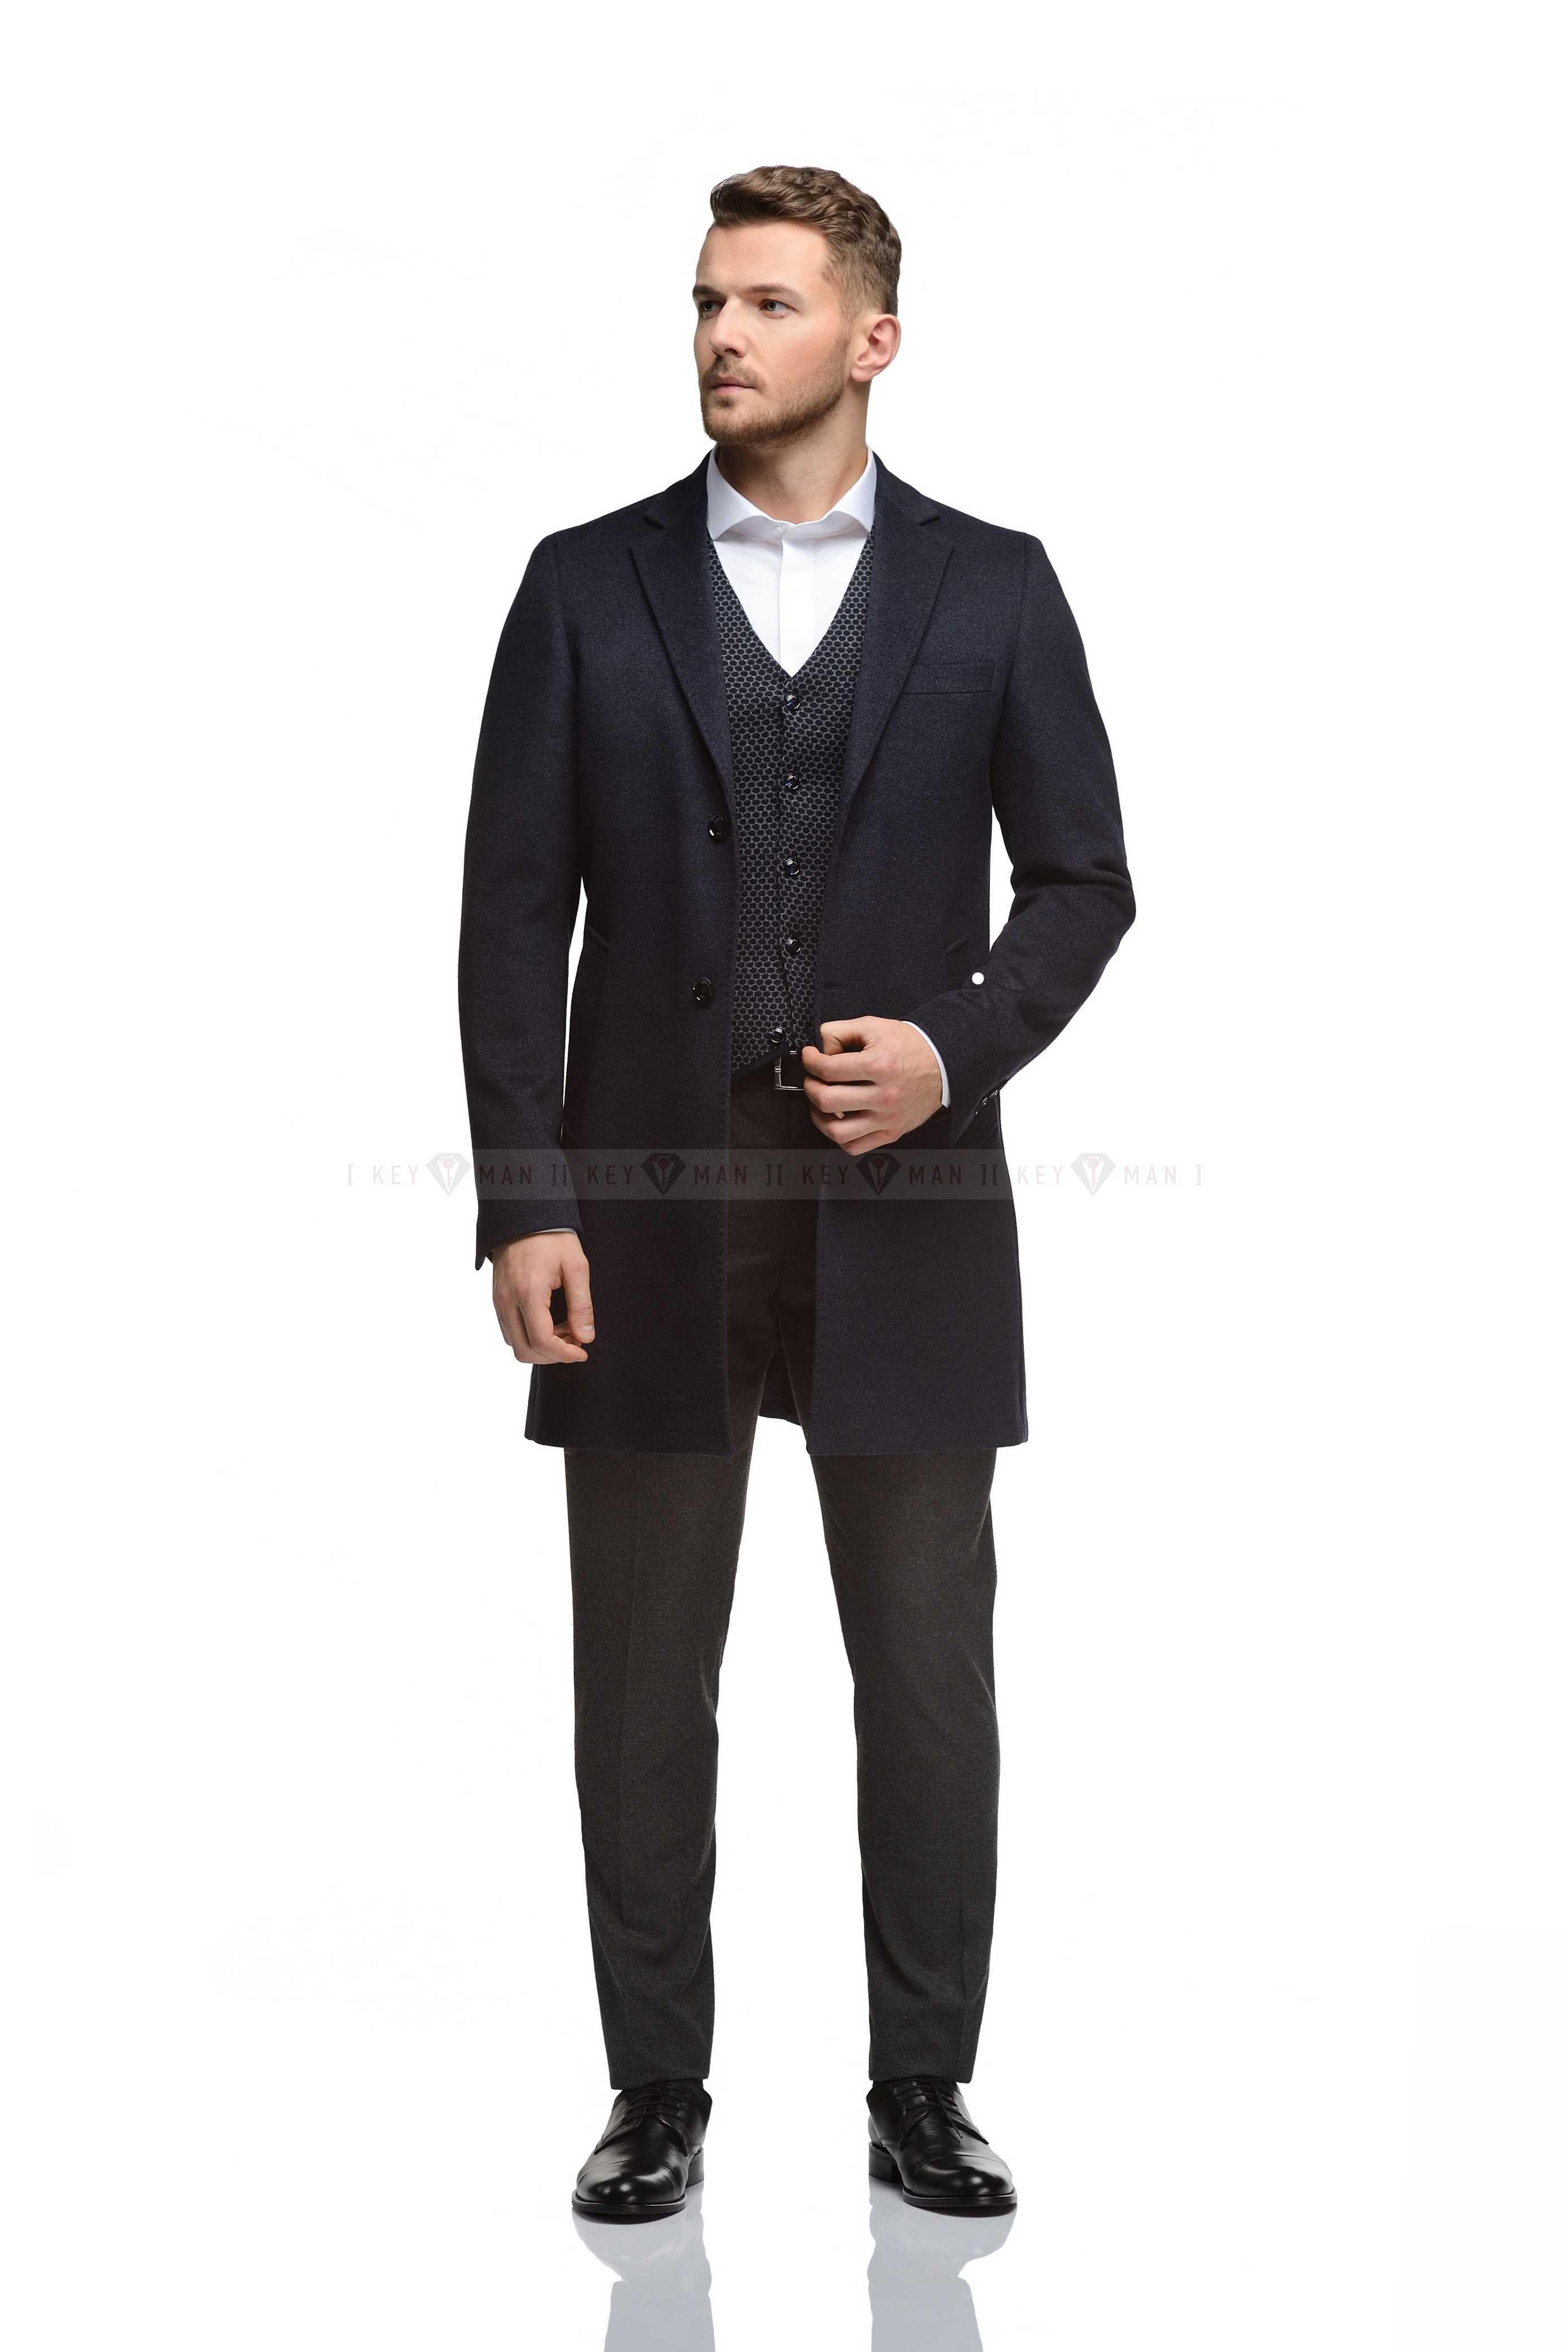 Пальто мужское светло-синее, приталенное, с прямоугольным лацканом